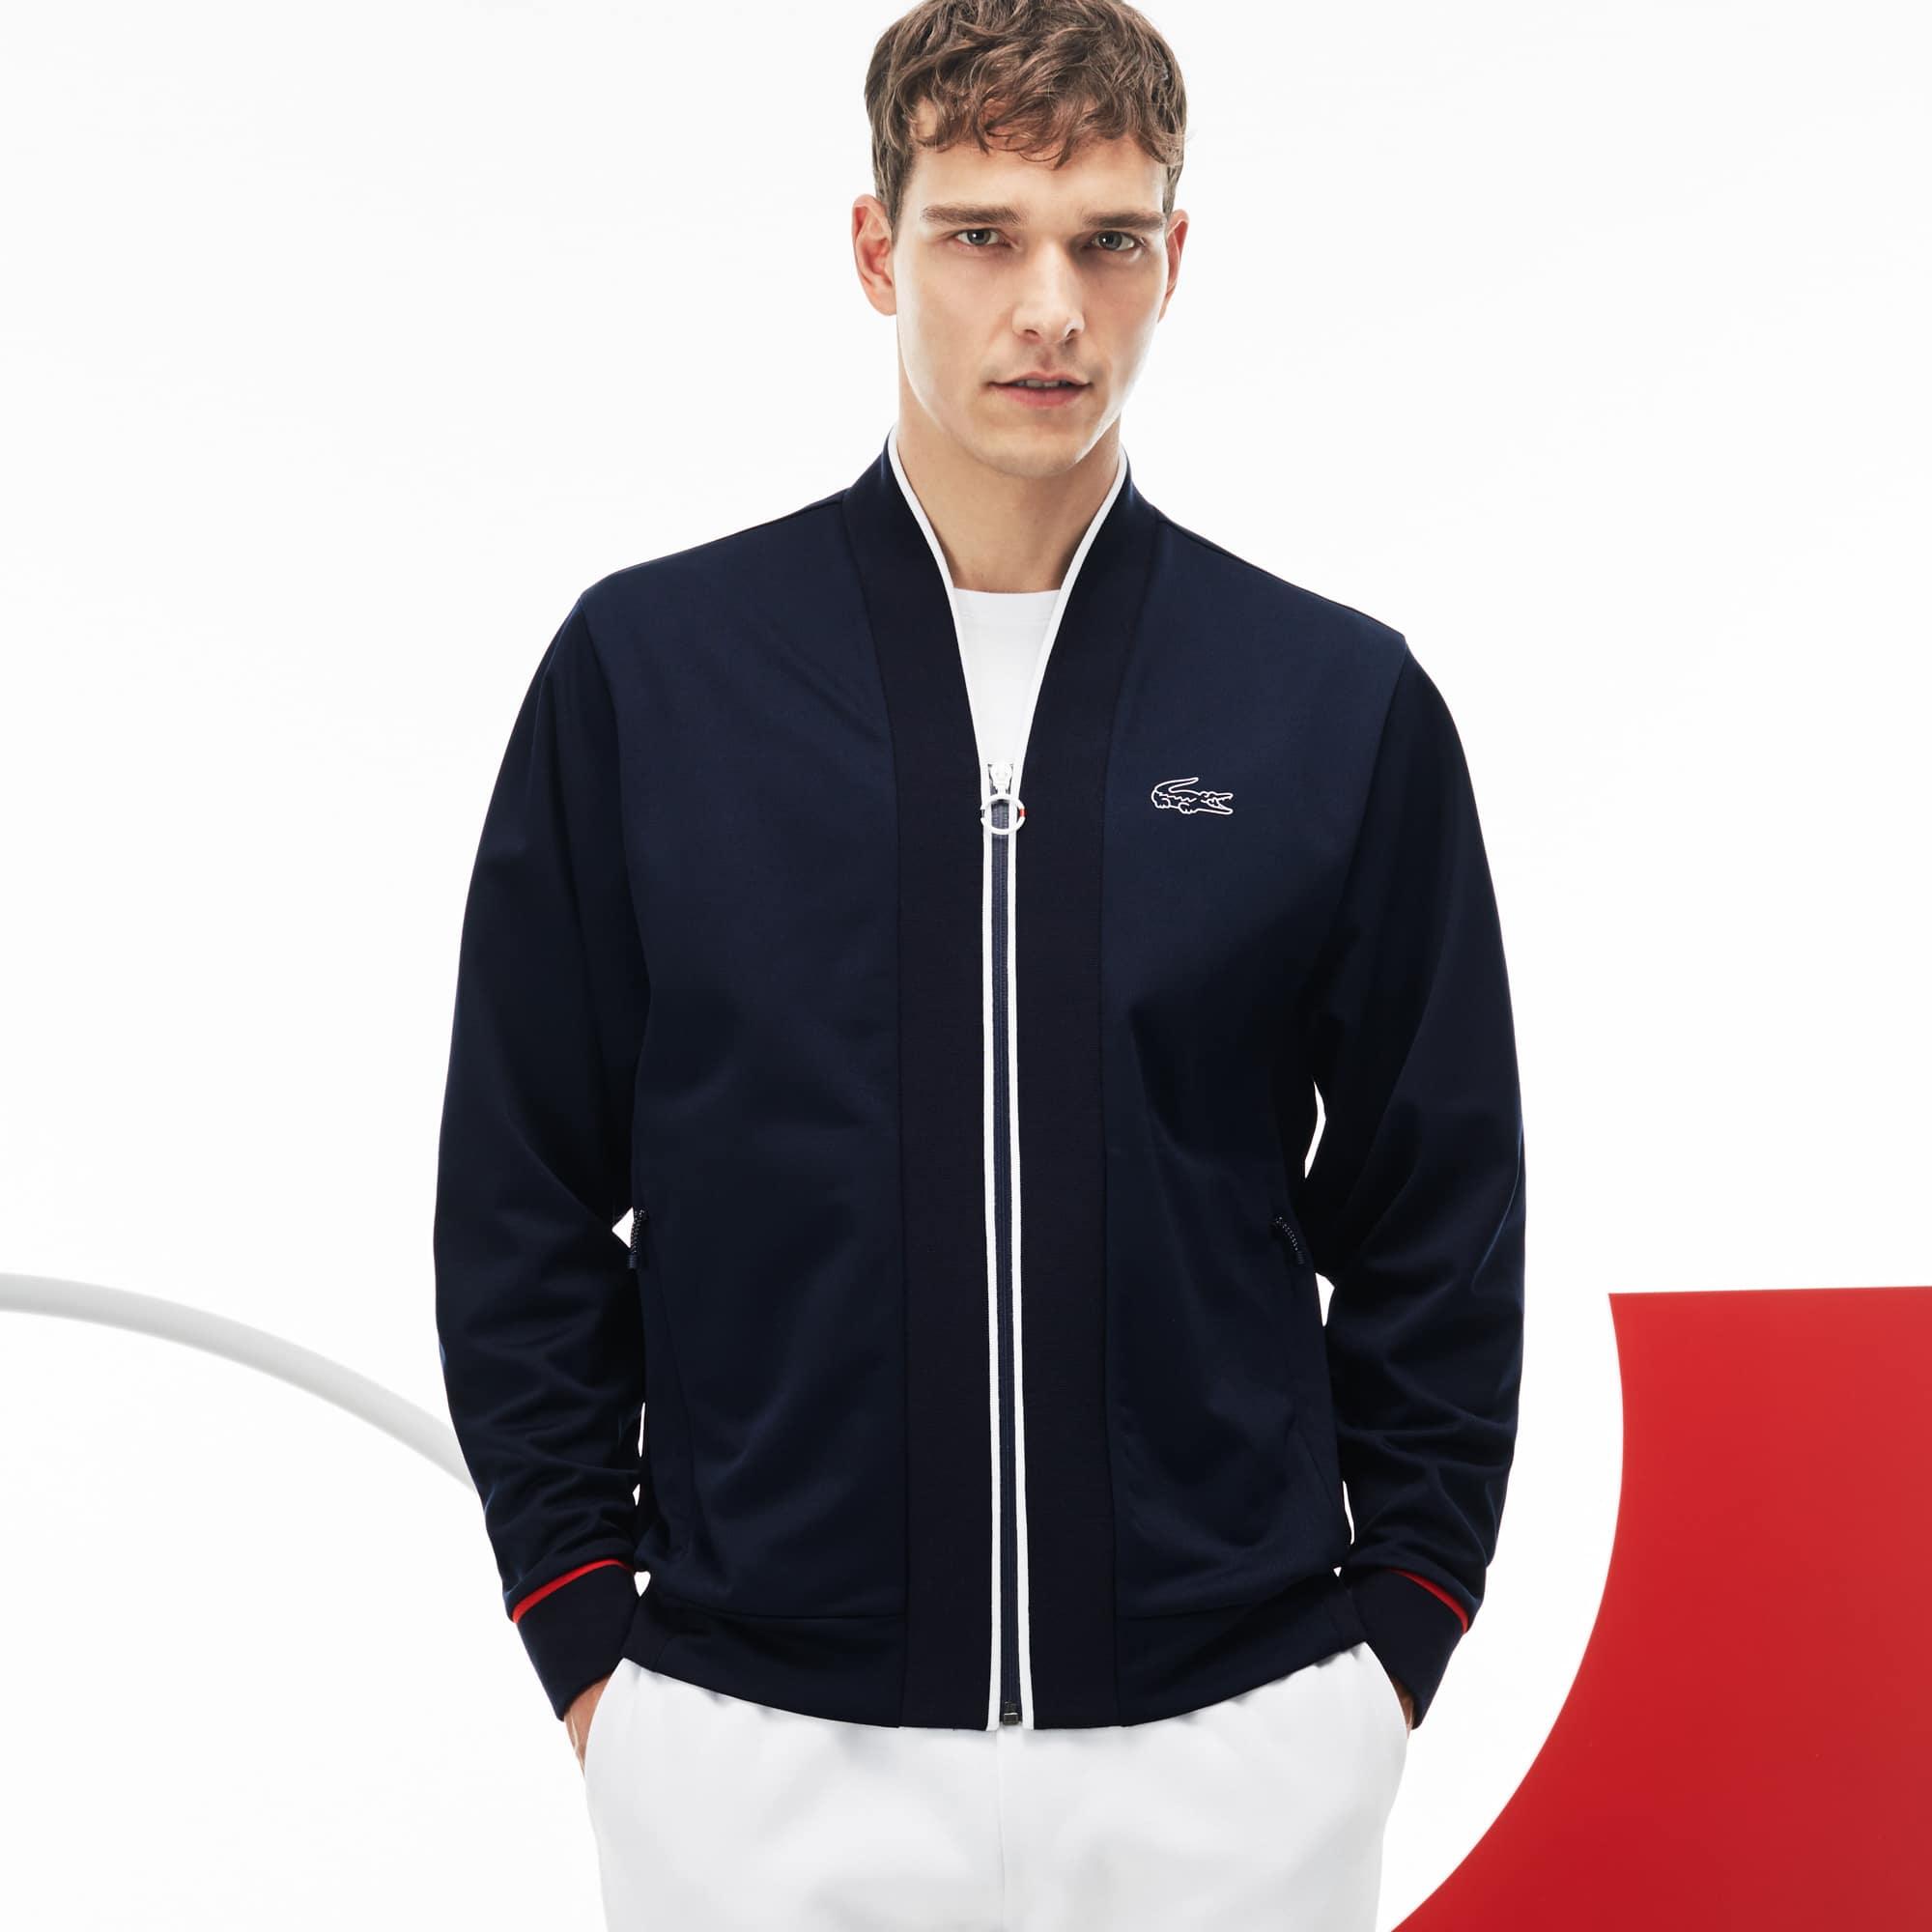 Men's Lacoste SPORT COLLECTION TRICOLORE Edition Tech Piqué Zip Sweatshirt